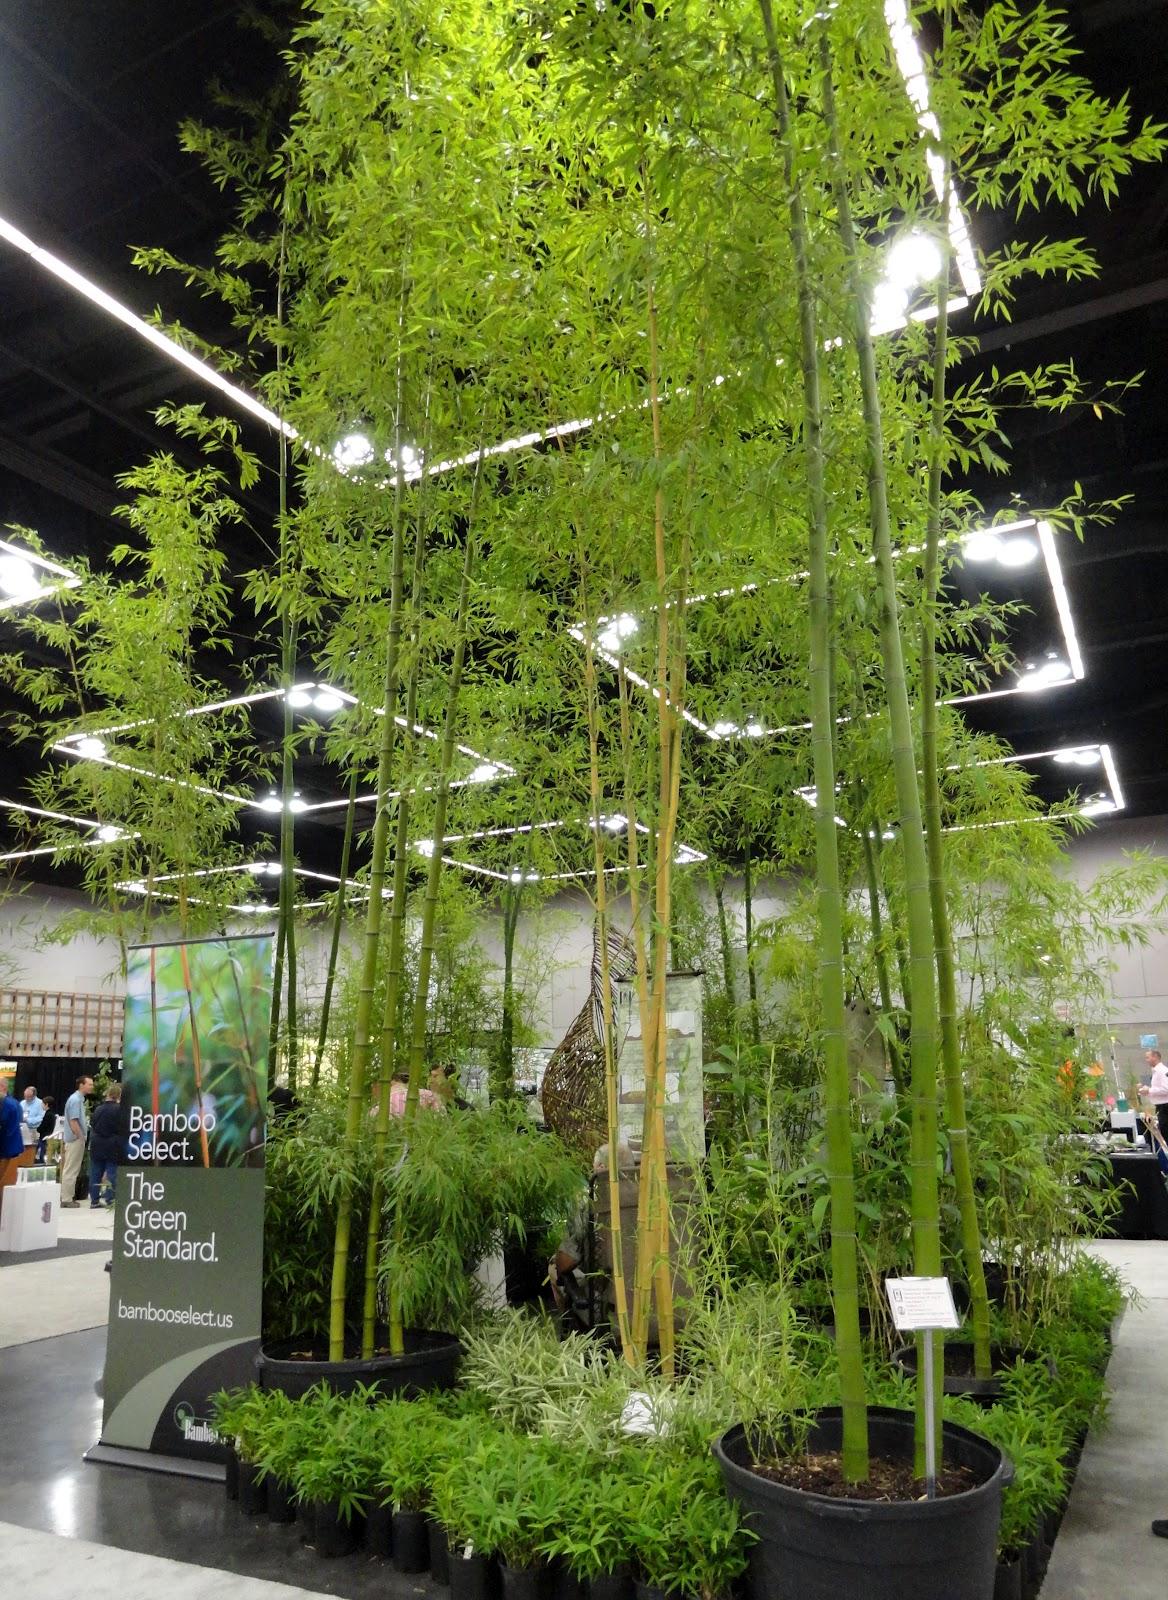 bamboo gardens booth